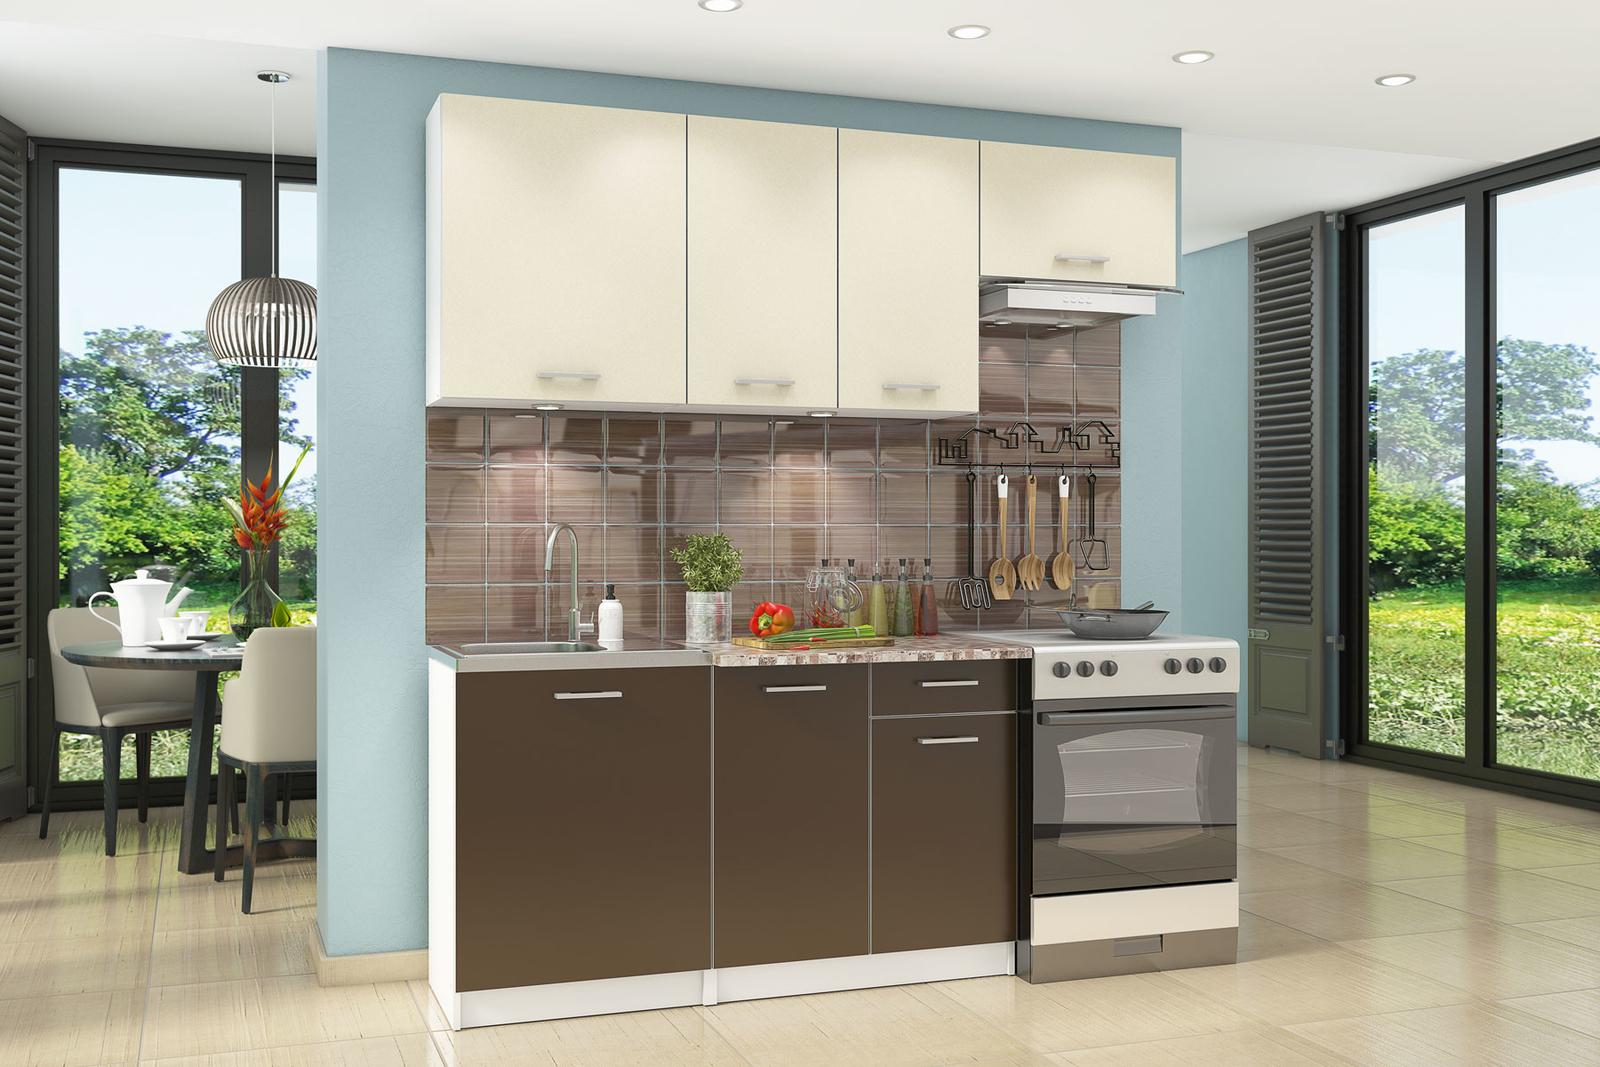 Кухонный гарнитур Юрмала 200 см (белый/кремовый/шоколад)